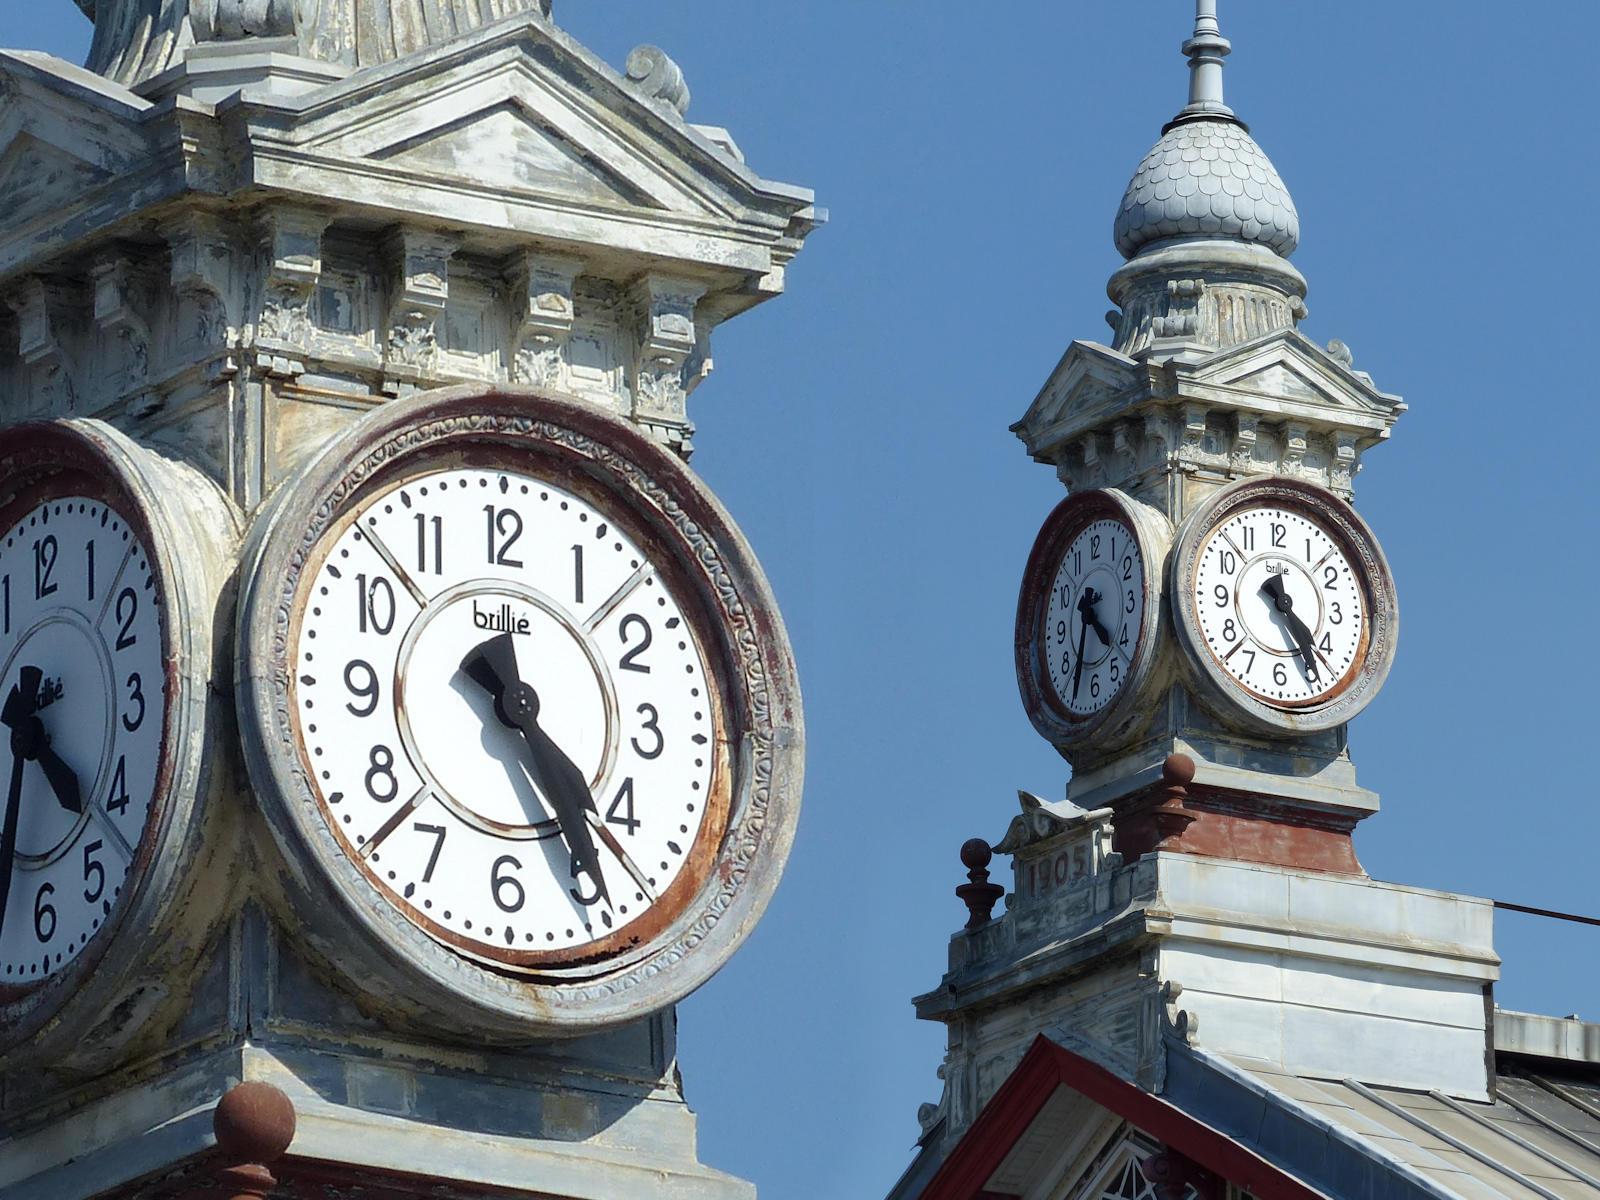 Gare de Tourcoing - Horloge Brillié